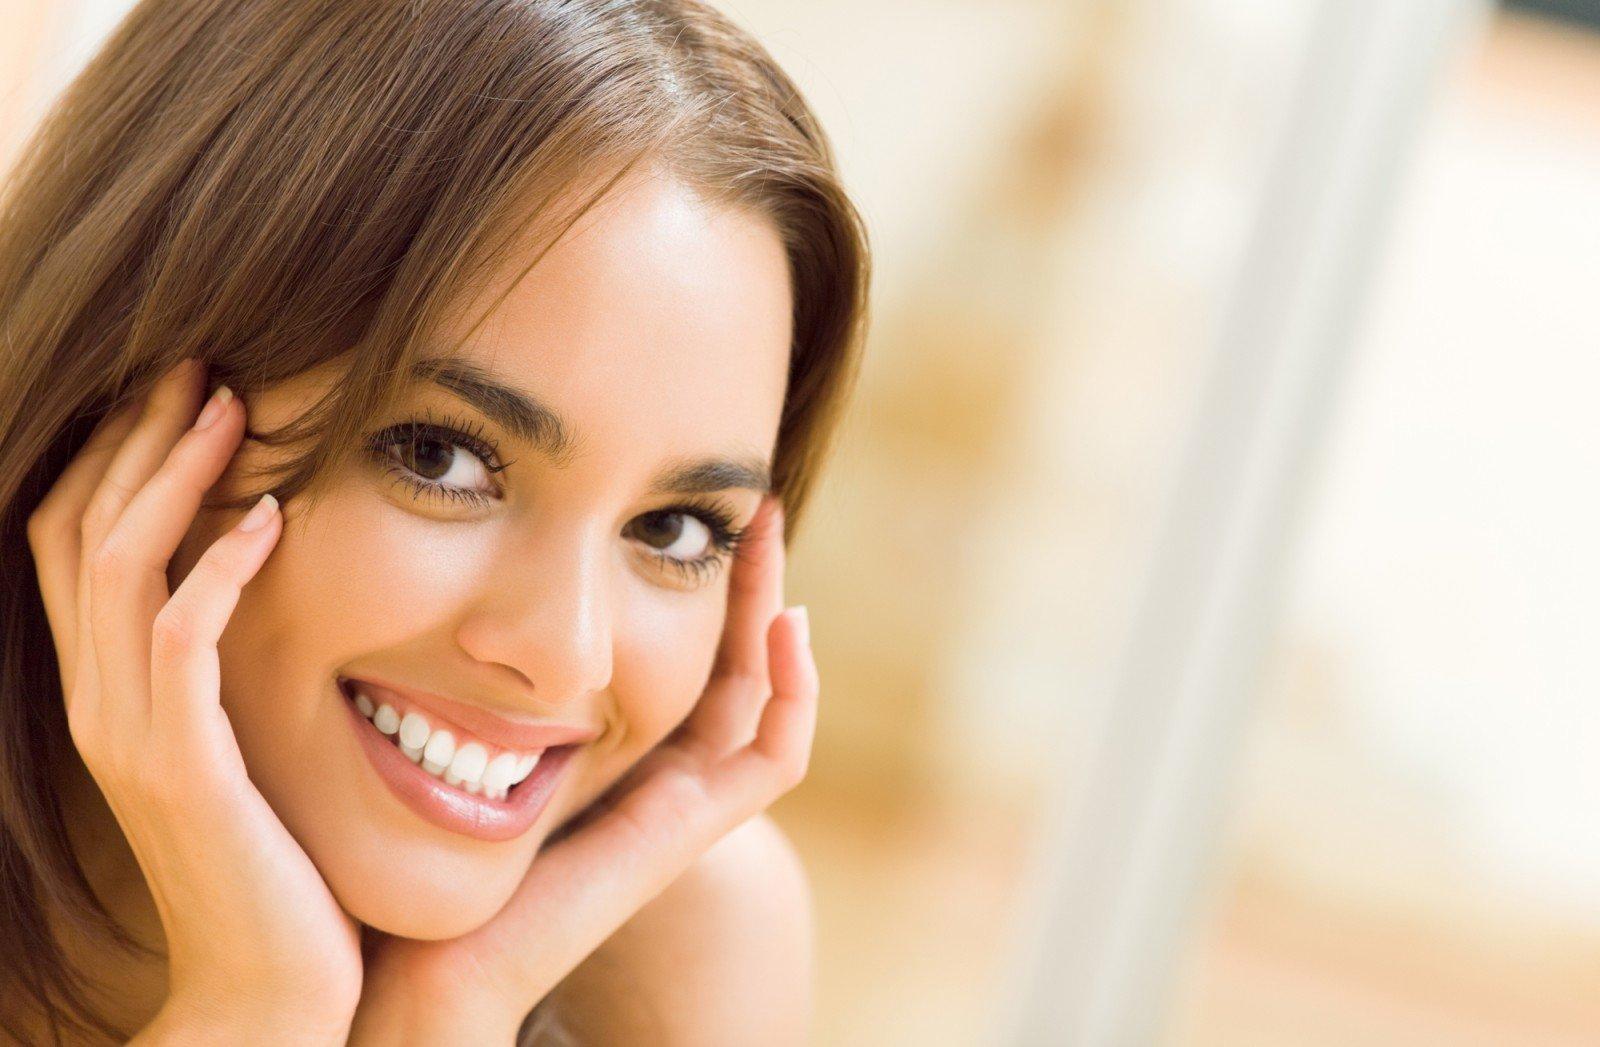 симпатичные женские улыбки стоковые фото добыча урана